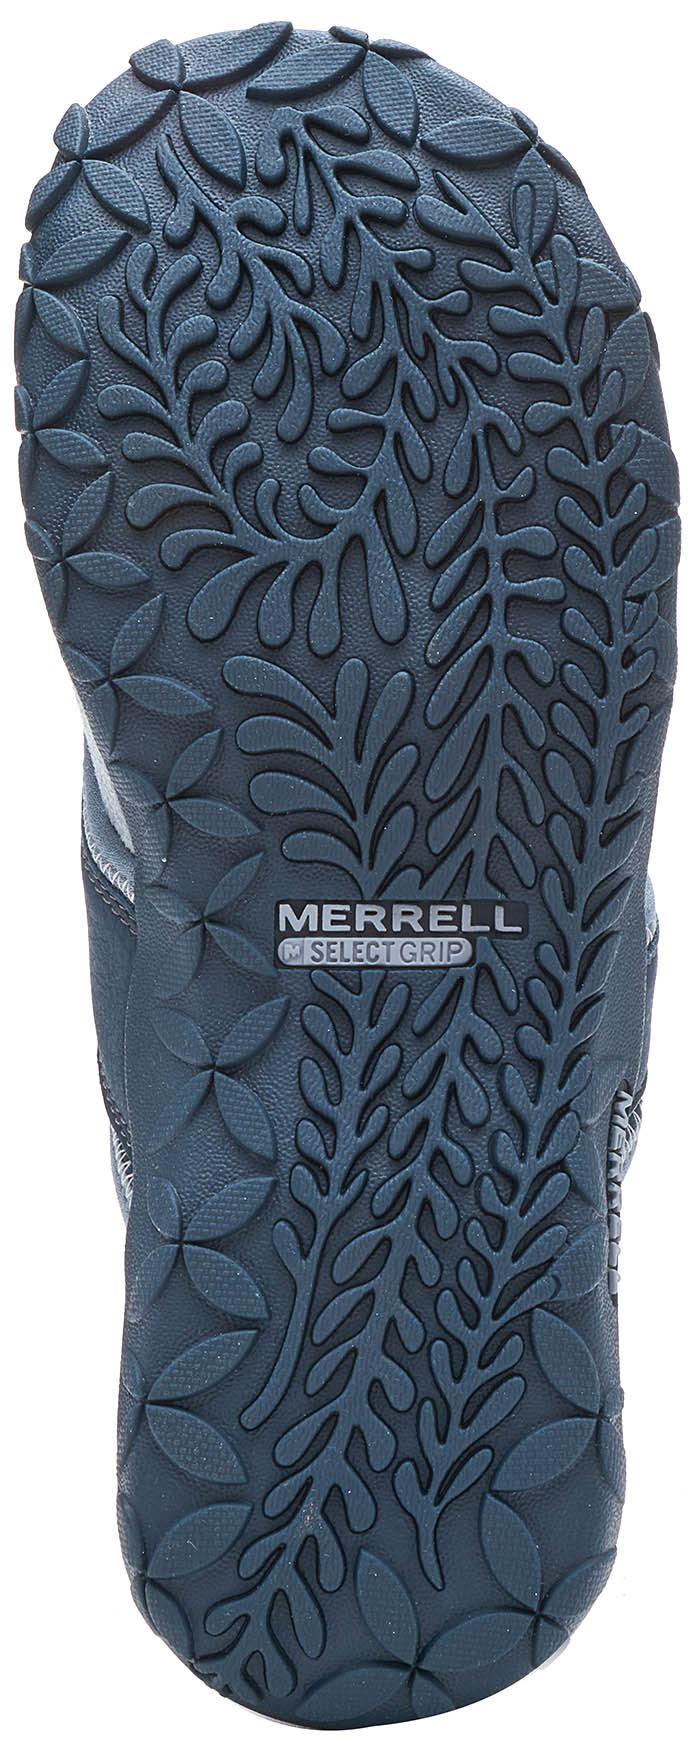 Merrell Terran Post Post Post II Donna Sandali Infradito in Blu Ardesia & Fucsia ca190e